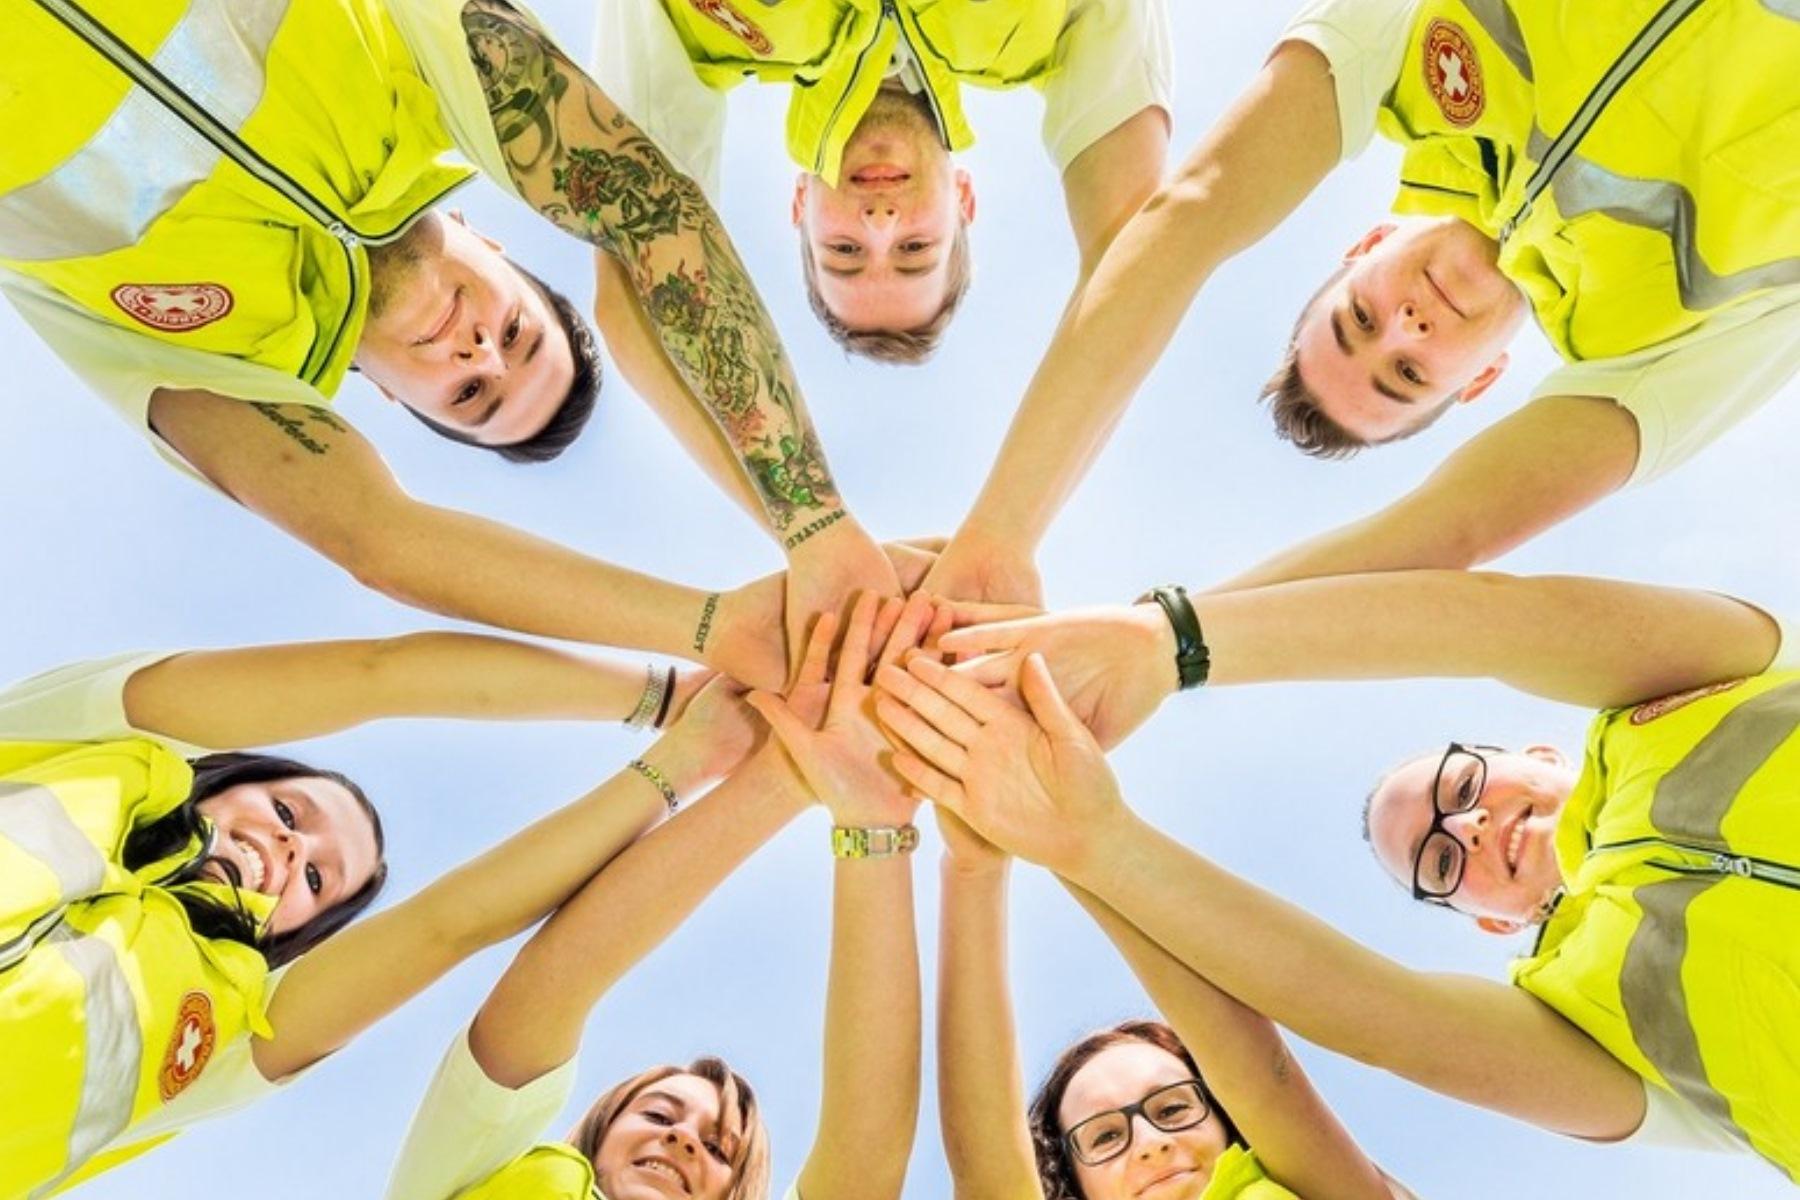 Beschlussantrag | Freiwilliger Zivildienst als Anreiz